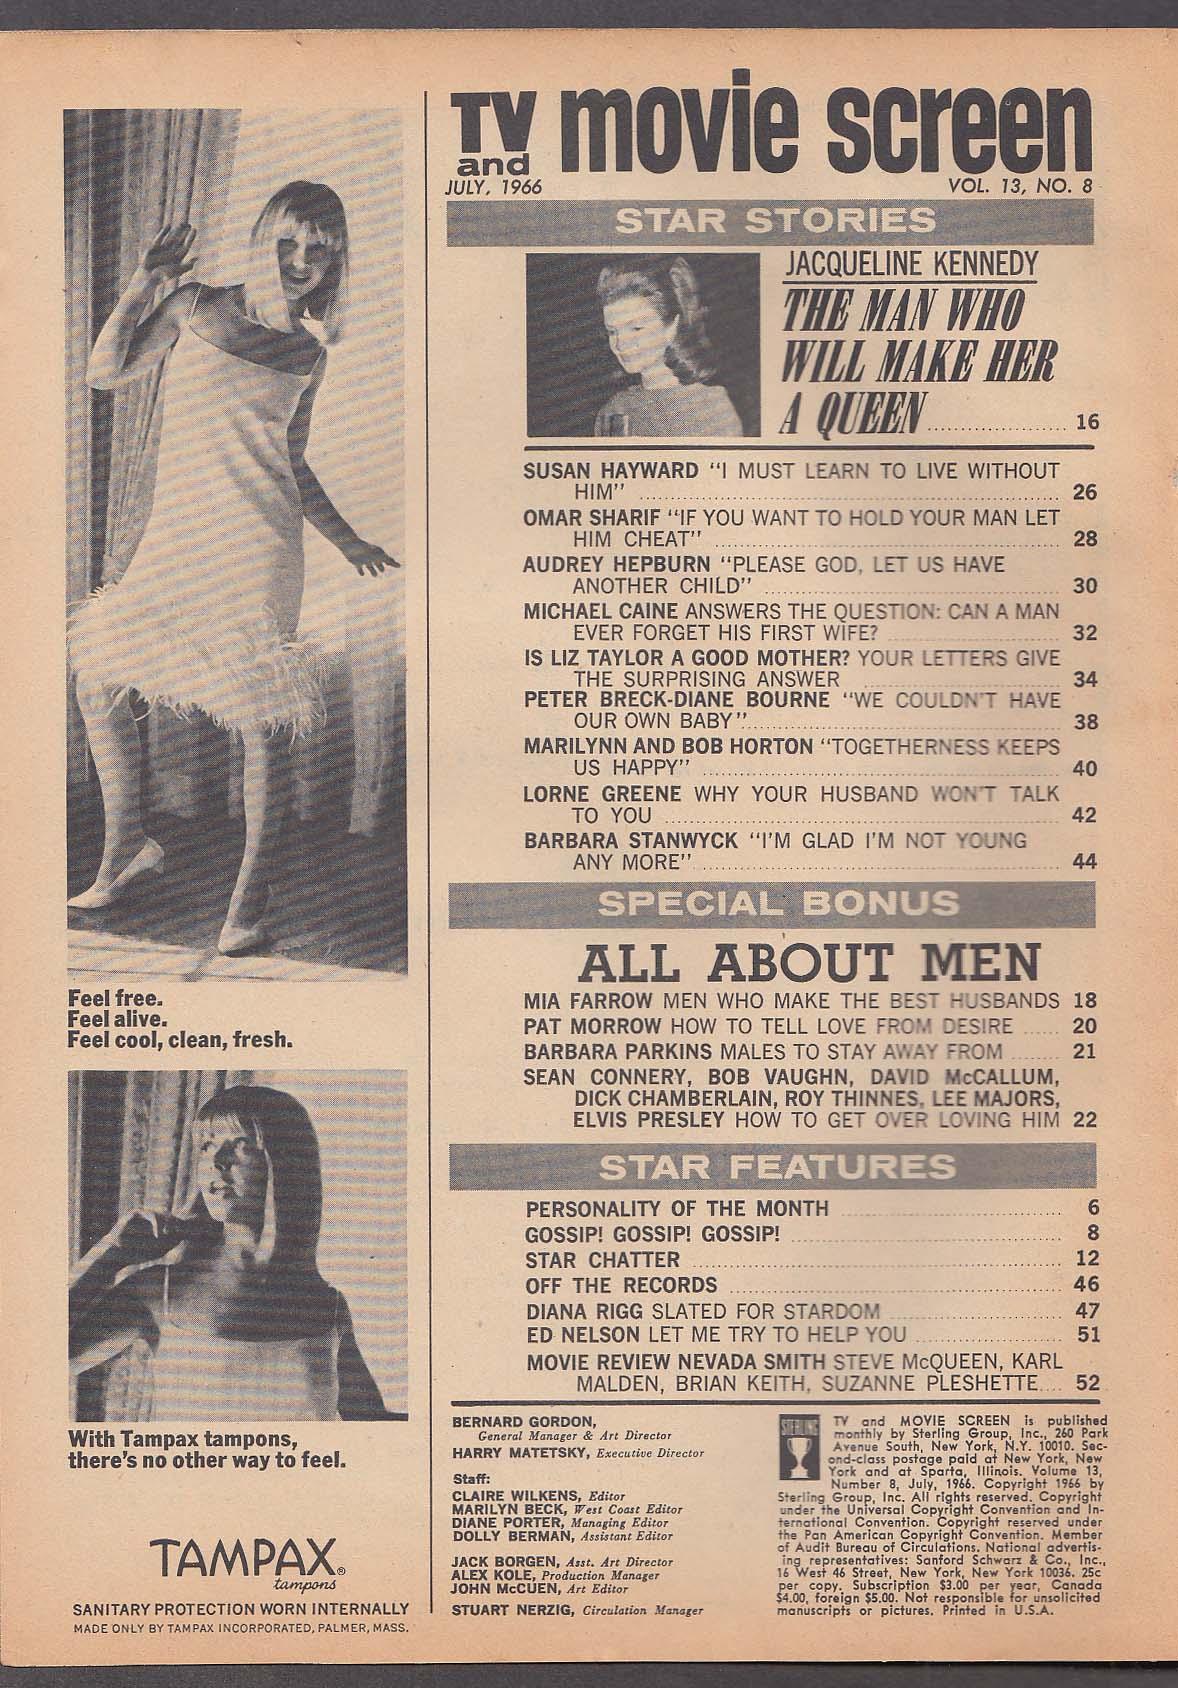 TV & MOVIE SCREEN Jackie Kennedy Liz Taylor Mia Farrow David